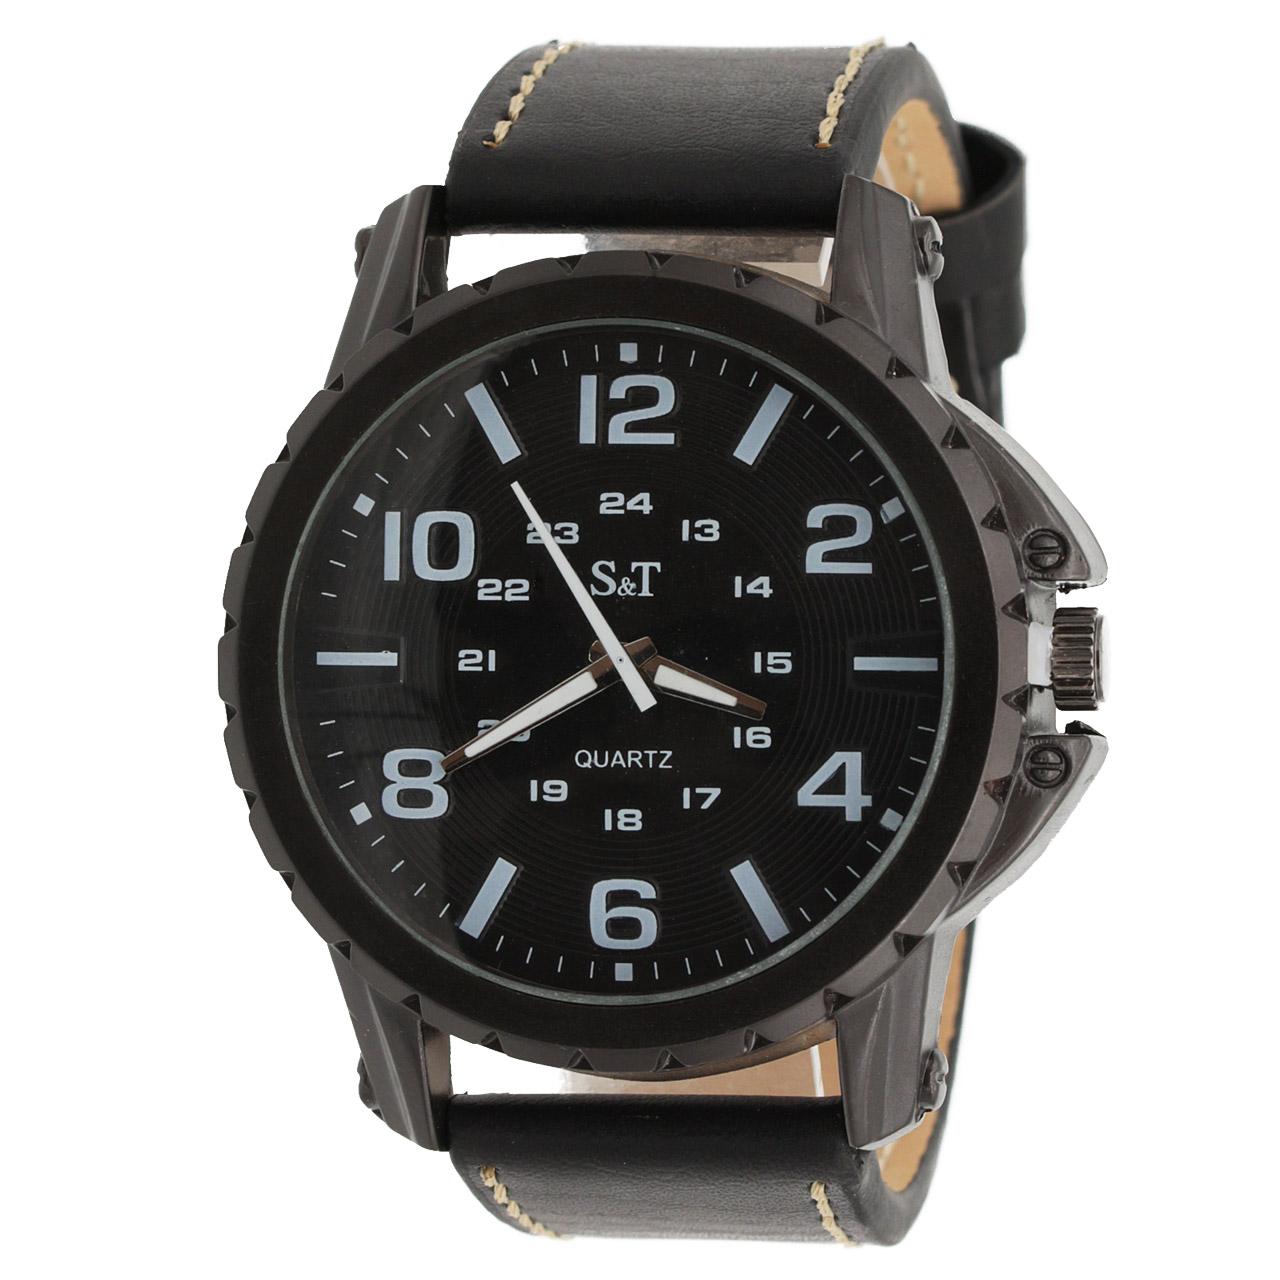 ساعت مچی عقربه ای مردانه اس تی مدل ST1946 1